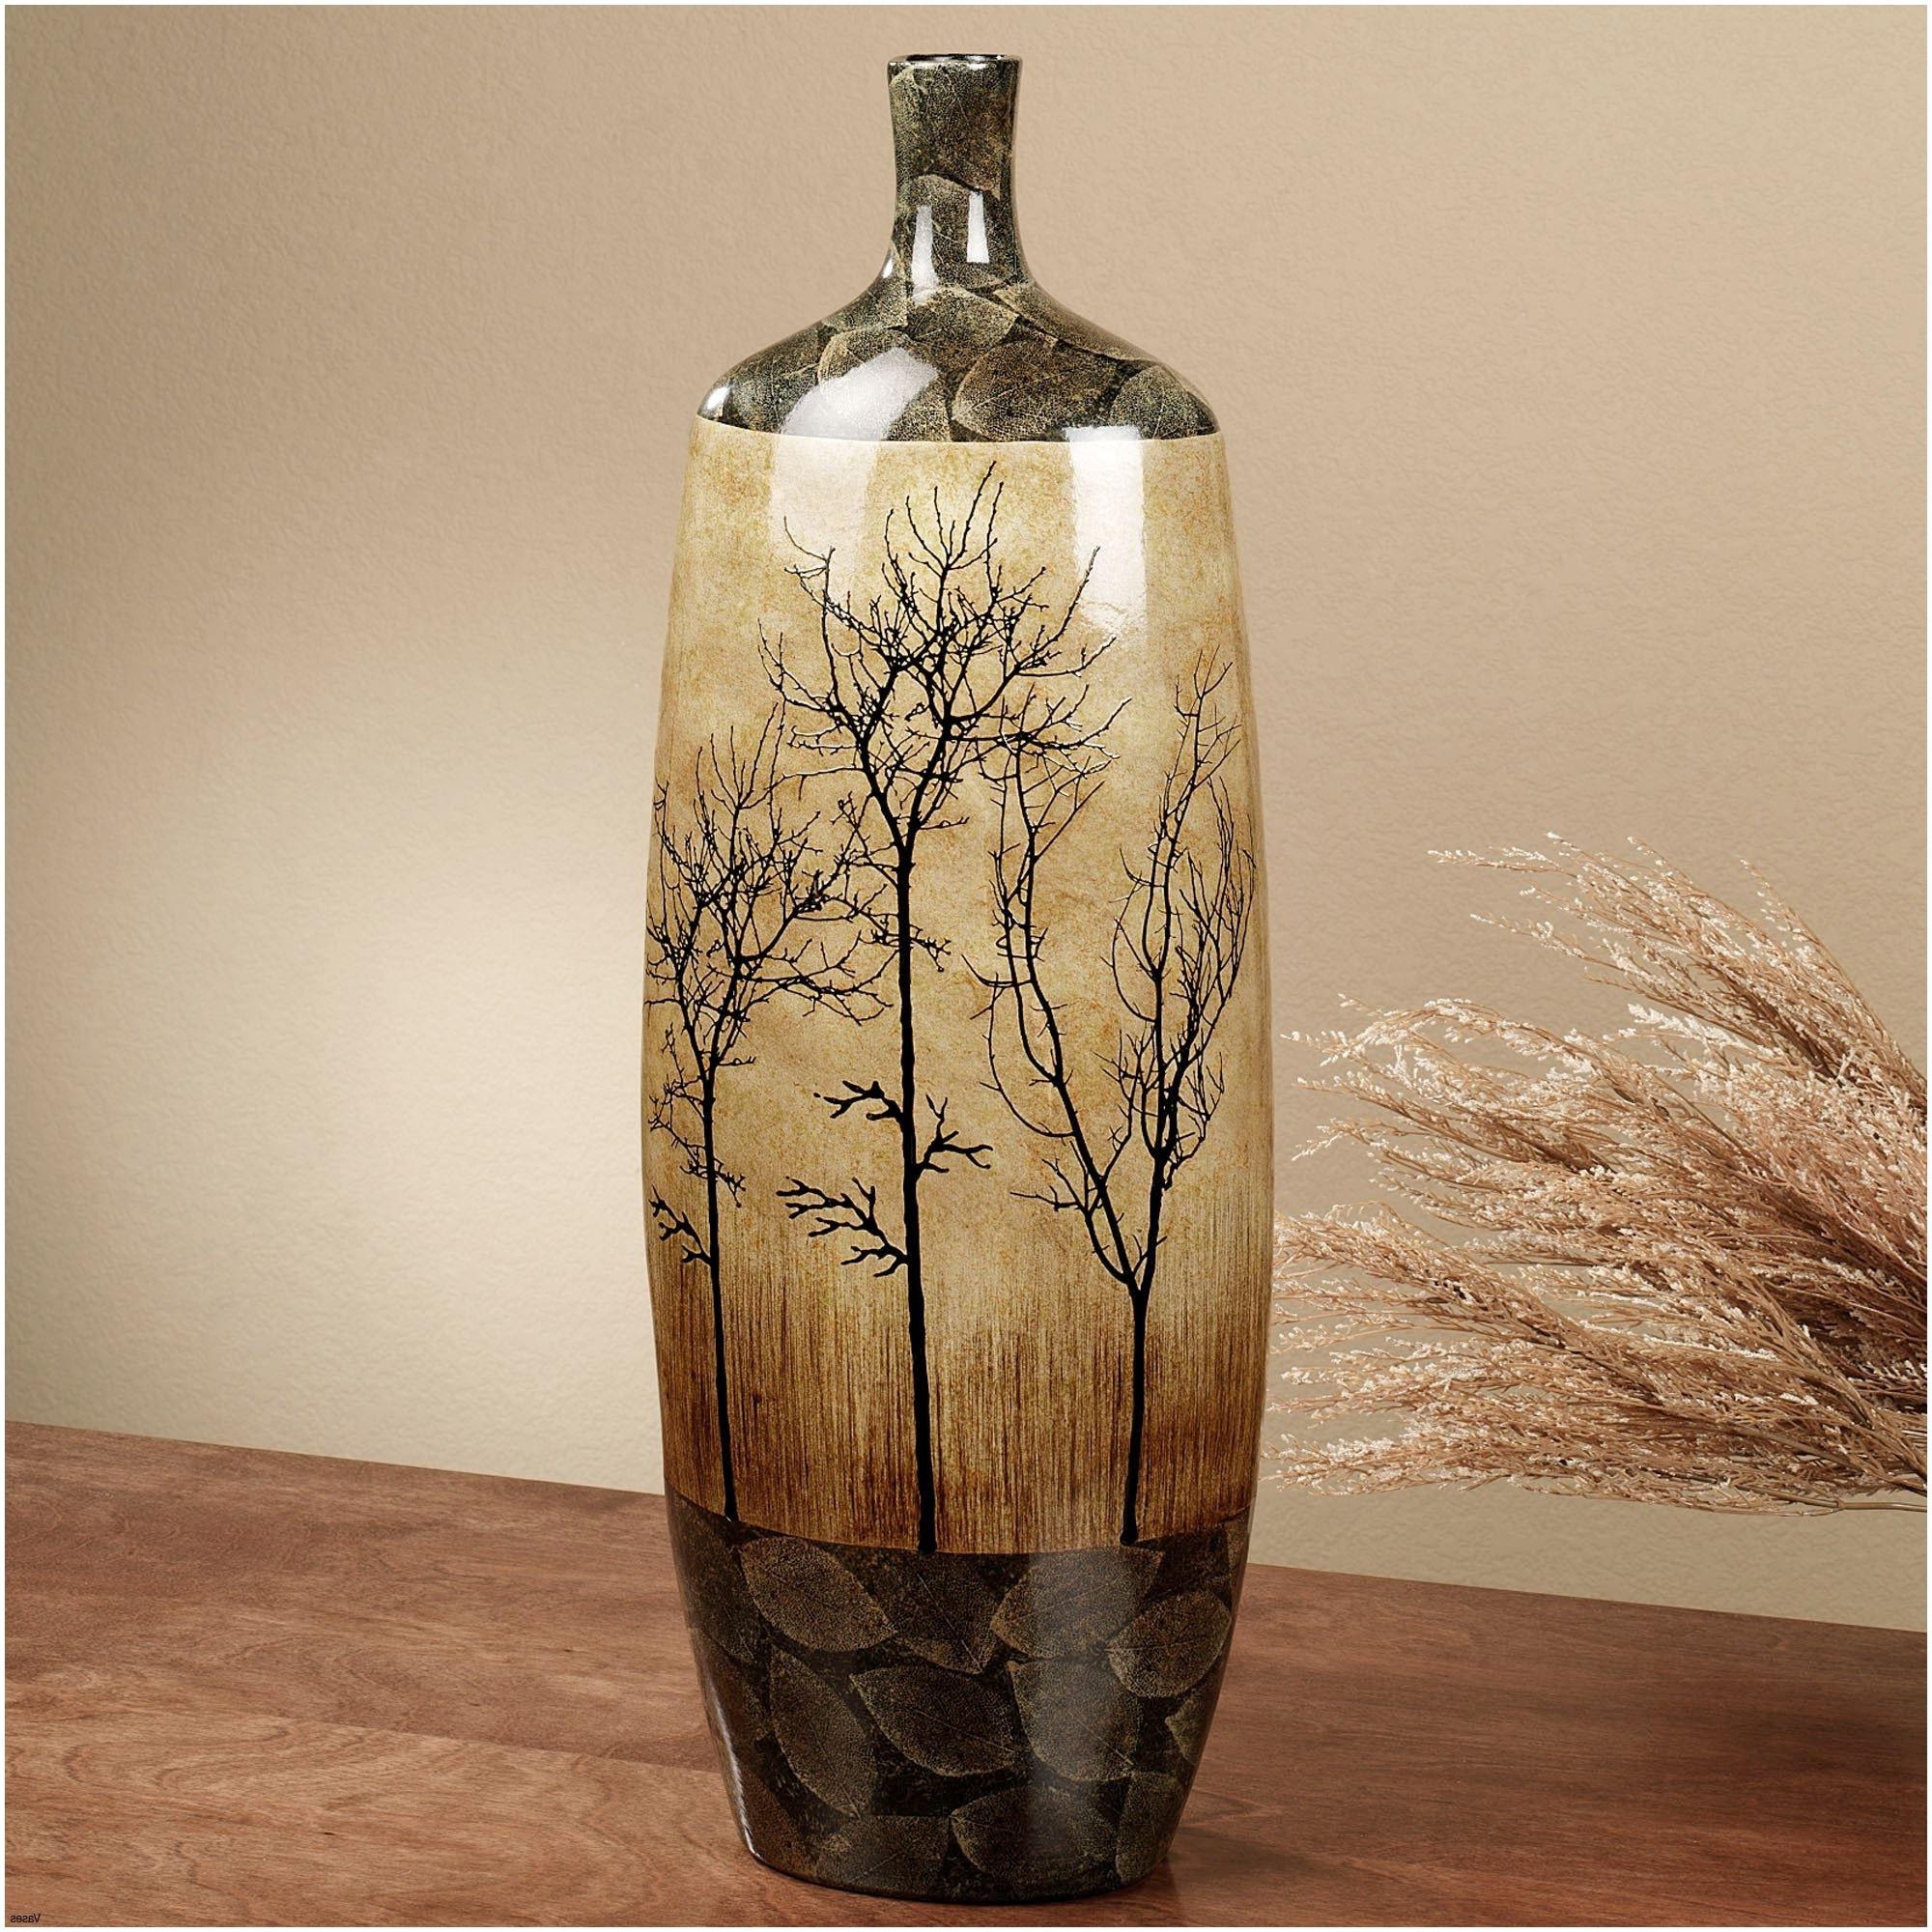 decorative ceramic vases large of 21 beau decorative vases anciendemutu org pertaining to c145 001h vases ceramic decorative to expandi 0d